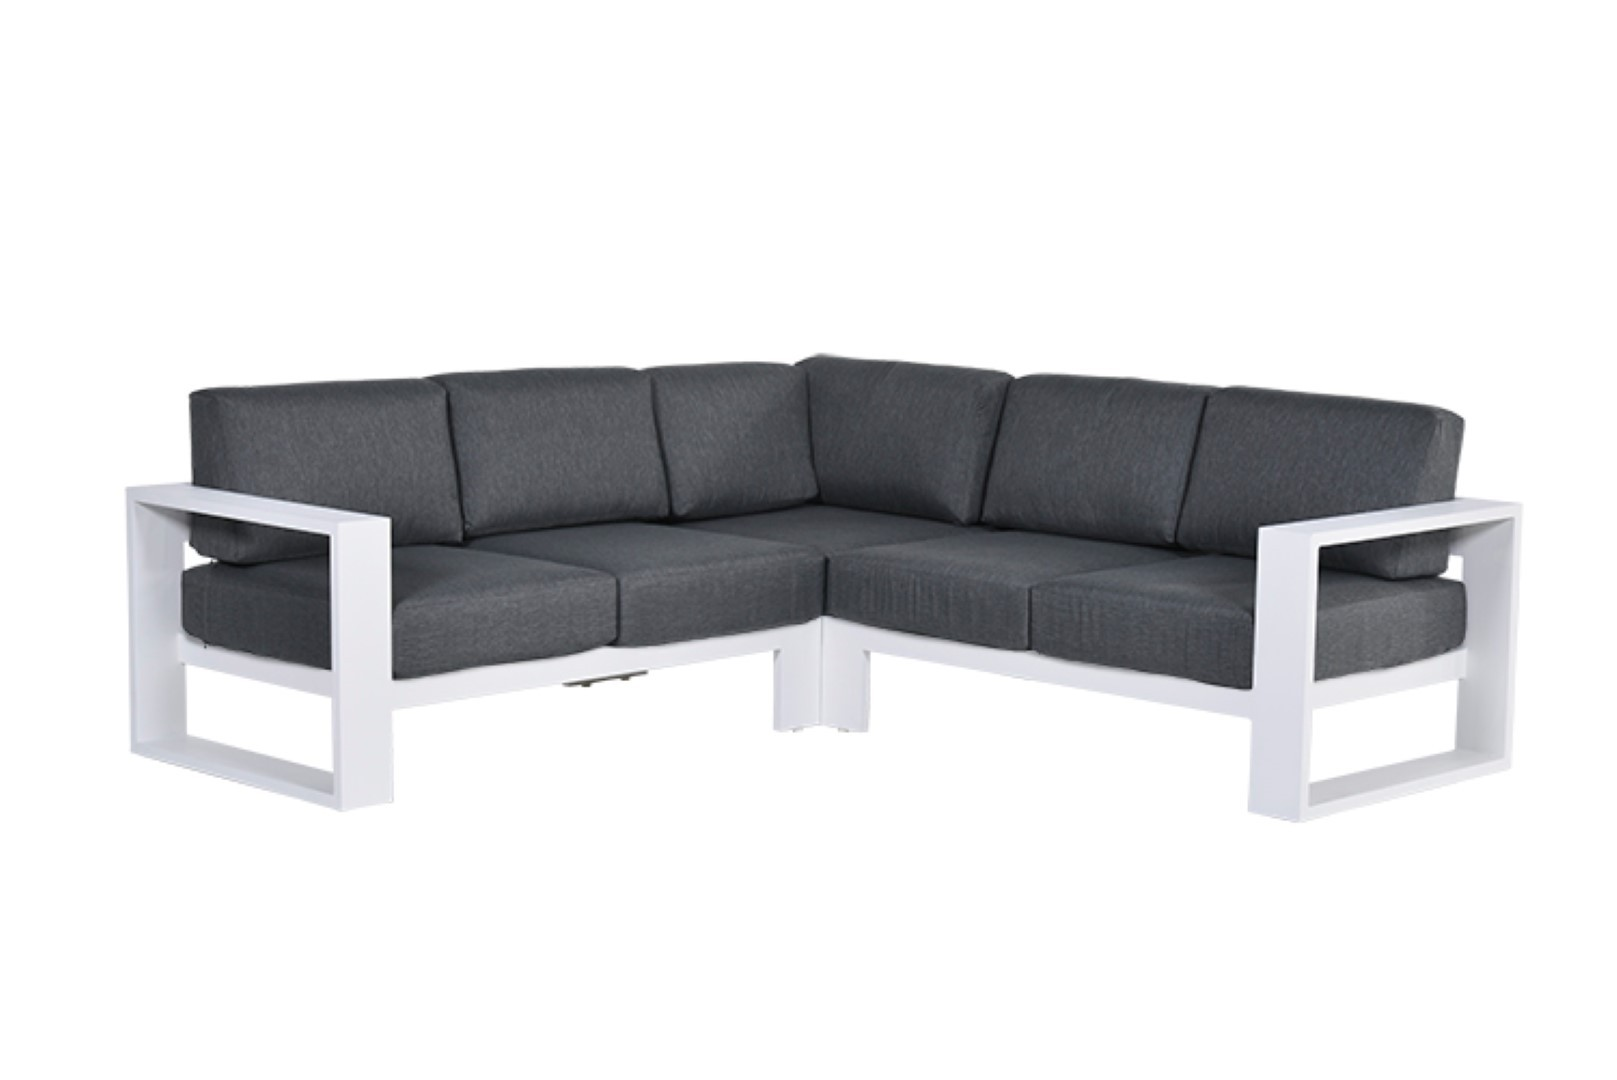 Cube lounge hoekset 3-delig mat white reflex black